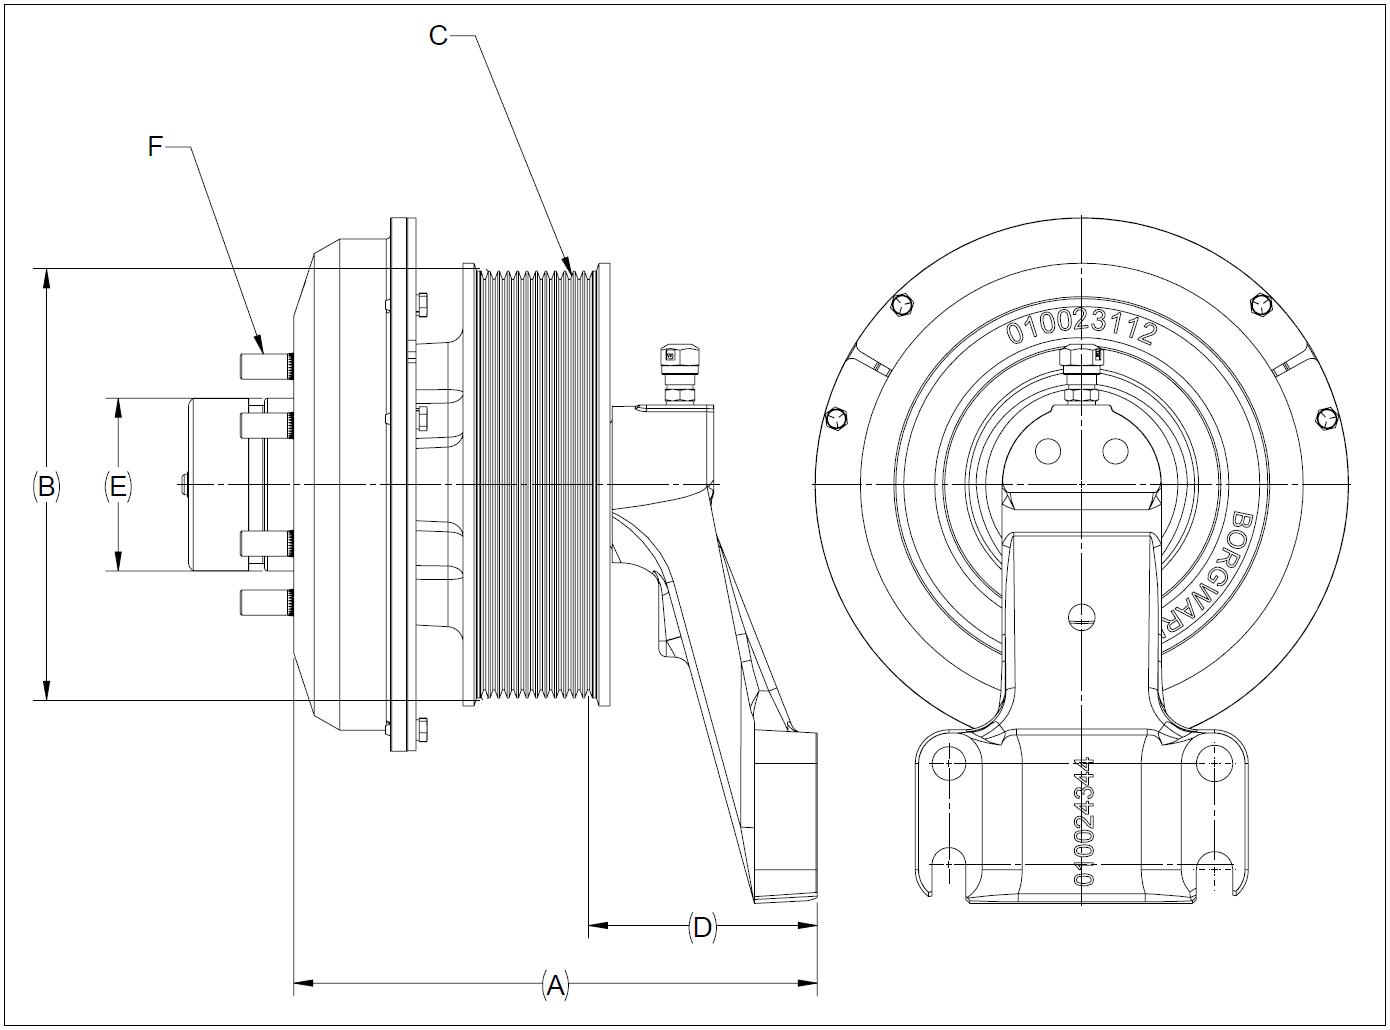 010026178 K32 Rear Air Fan Drive Assembly